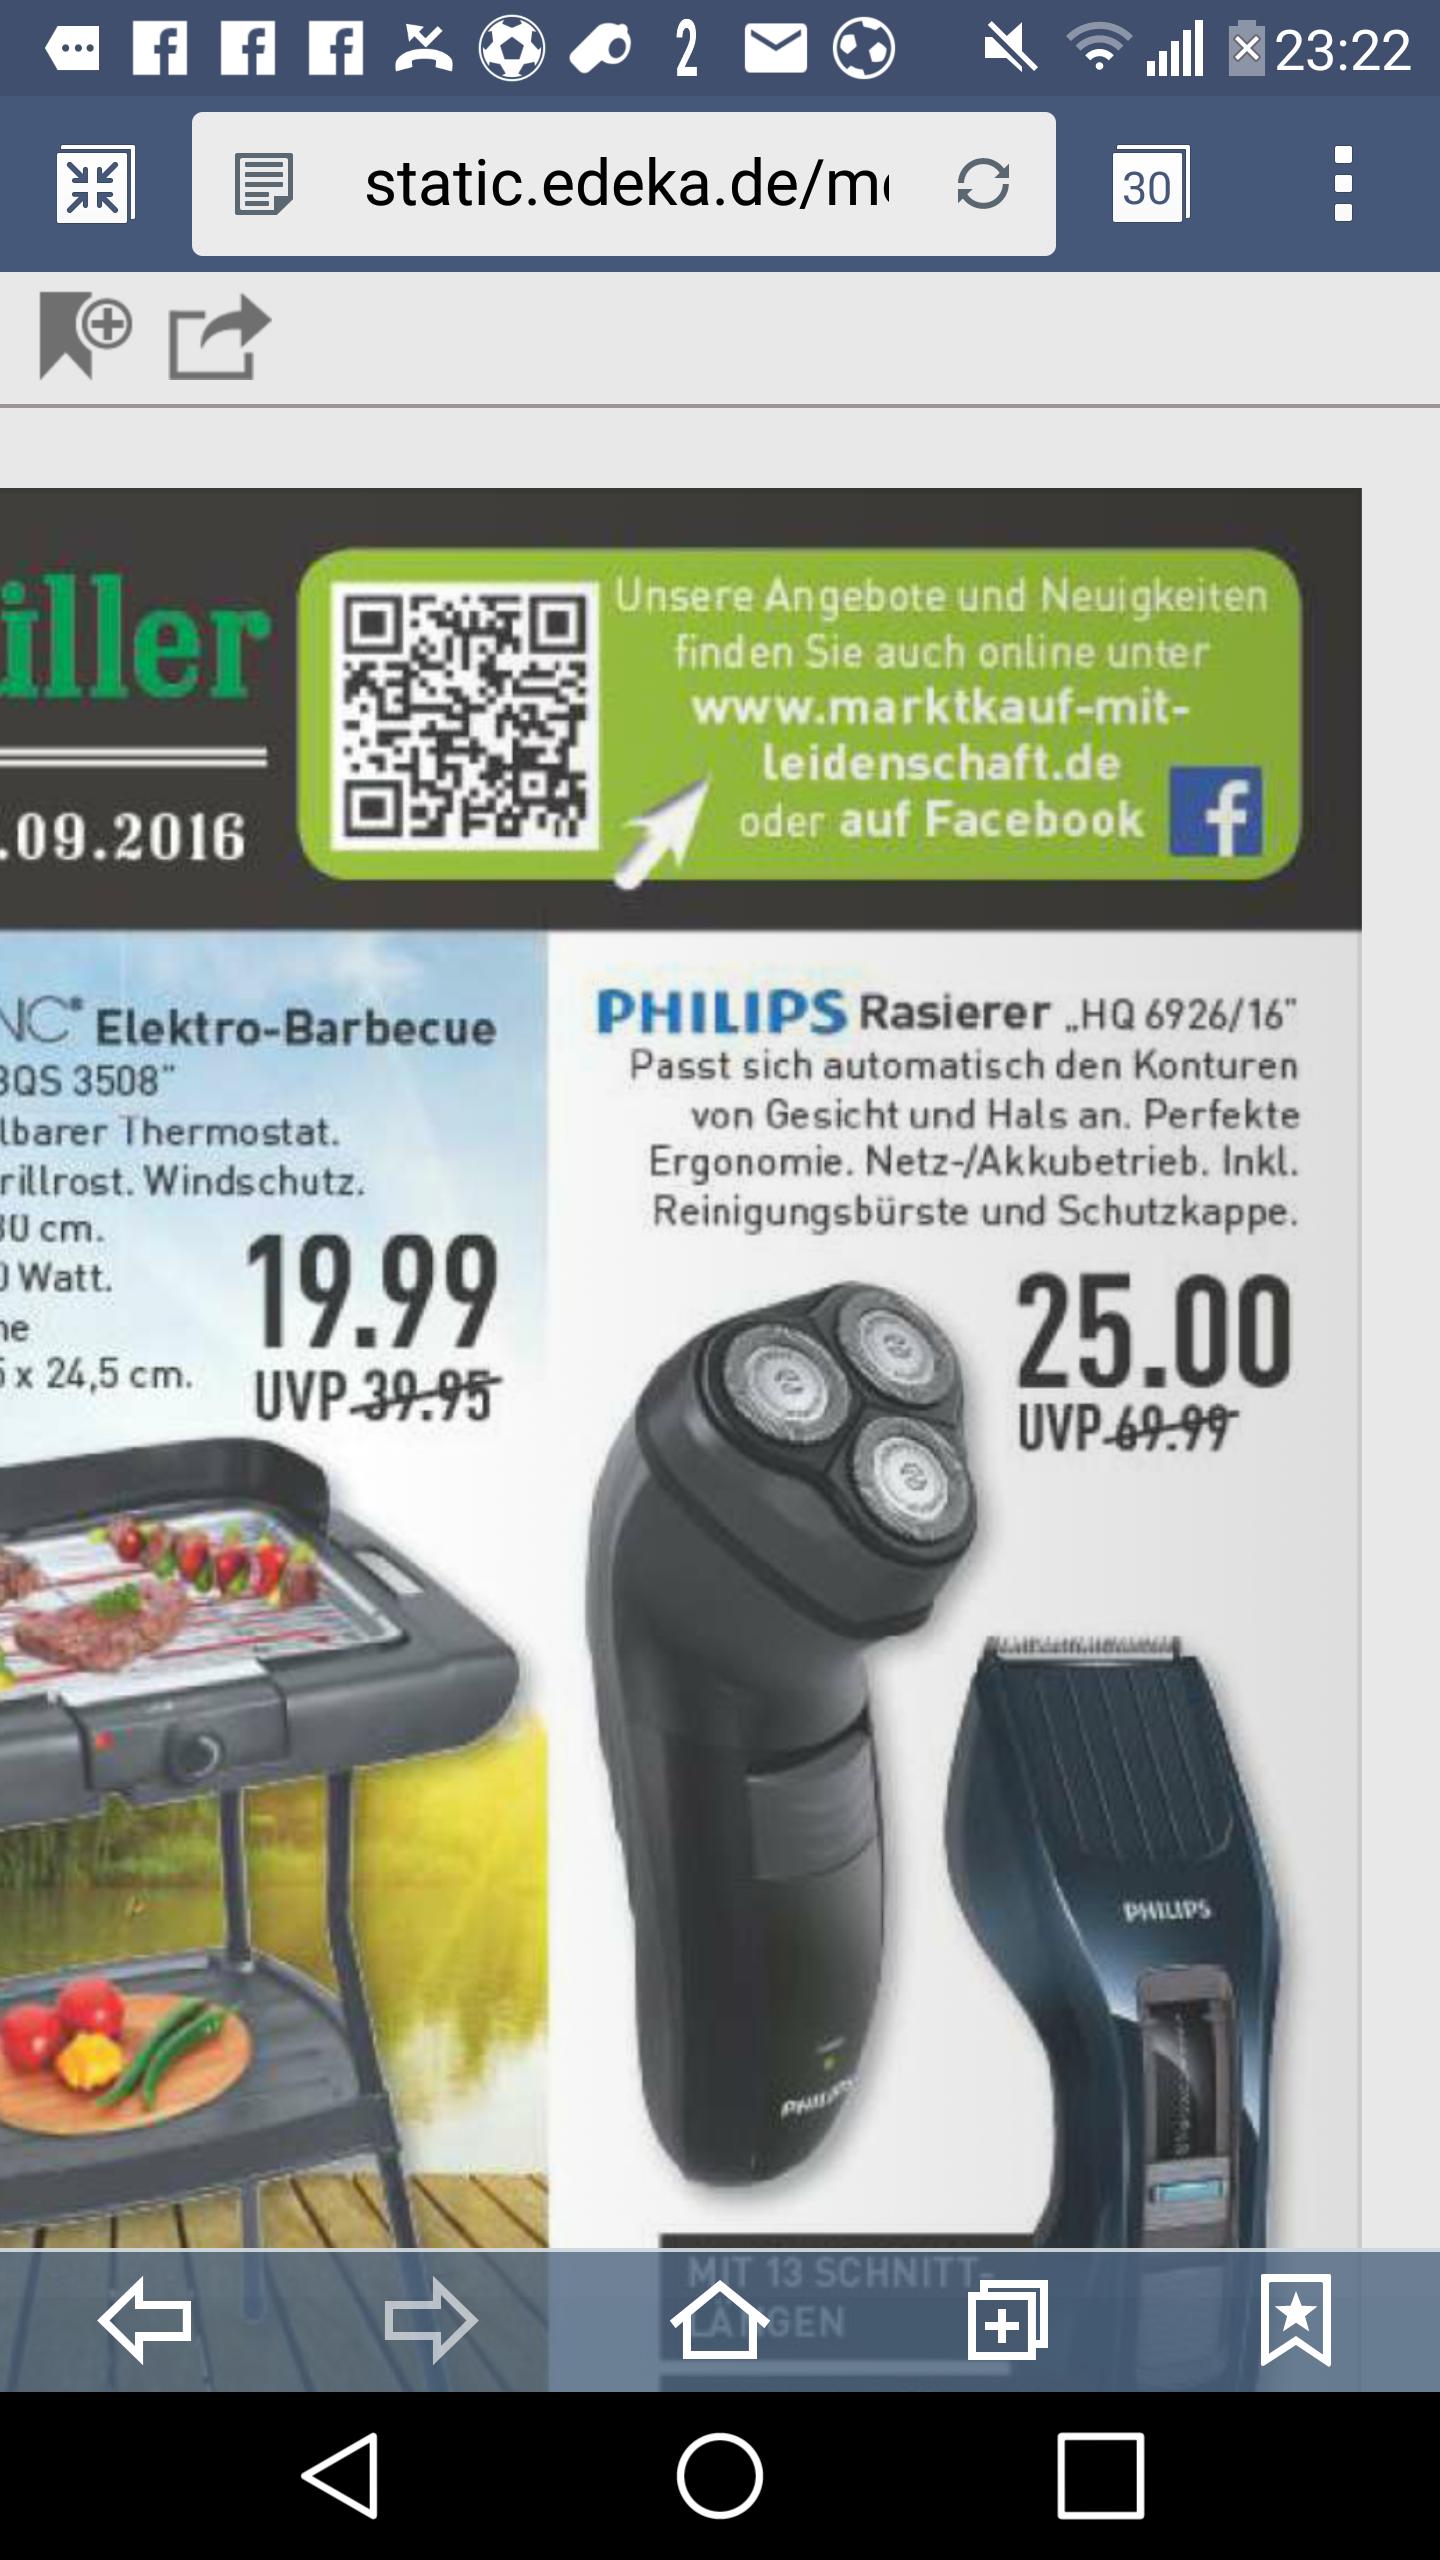 Philips HQ 6926 Markenrasierer ab Donnerstag (15.09) im Marktkauf zum Bestpreis. (offline)